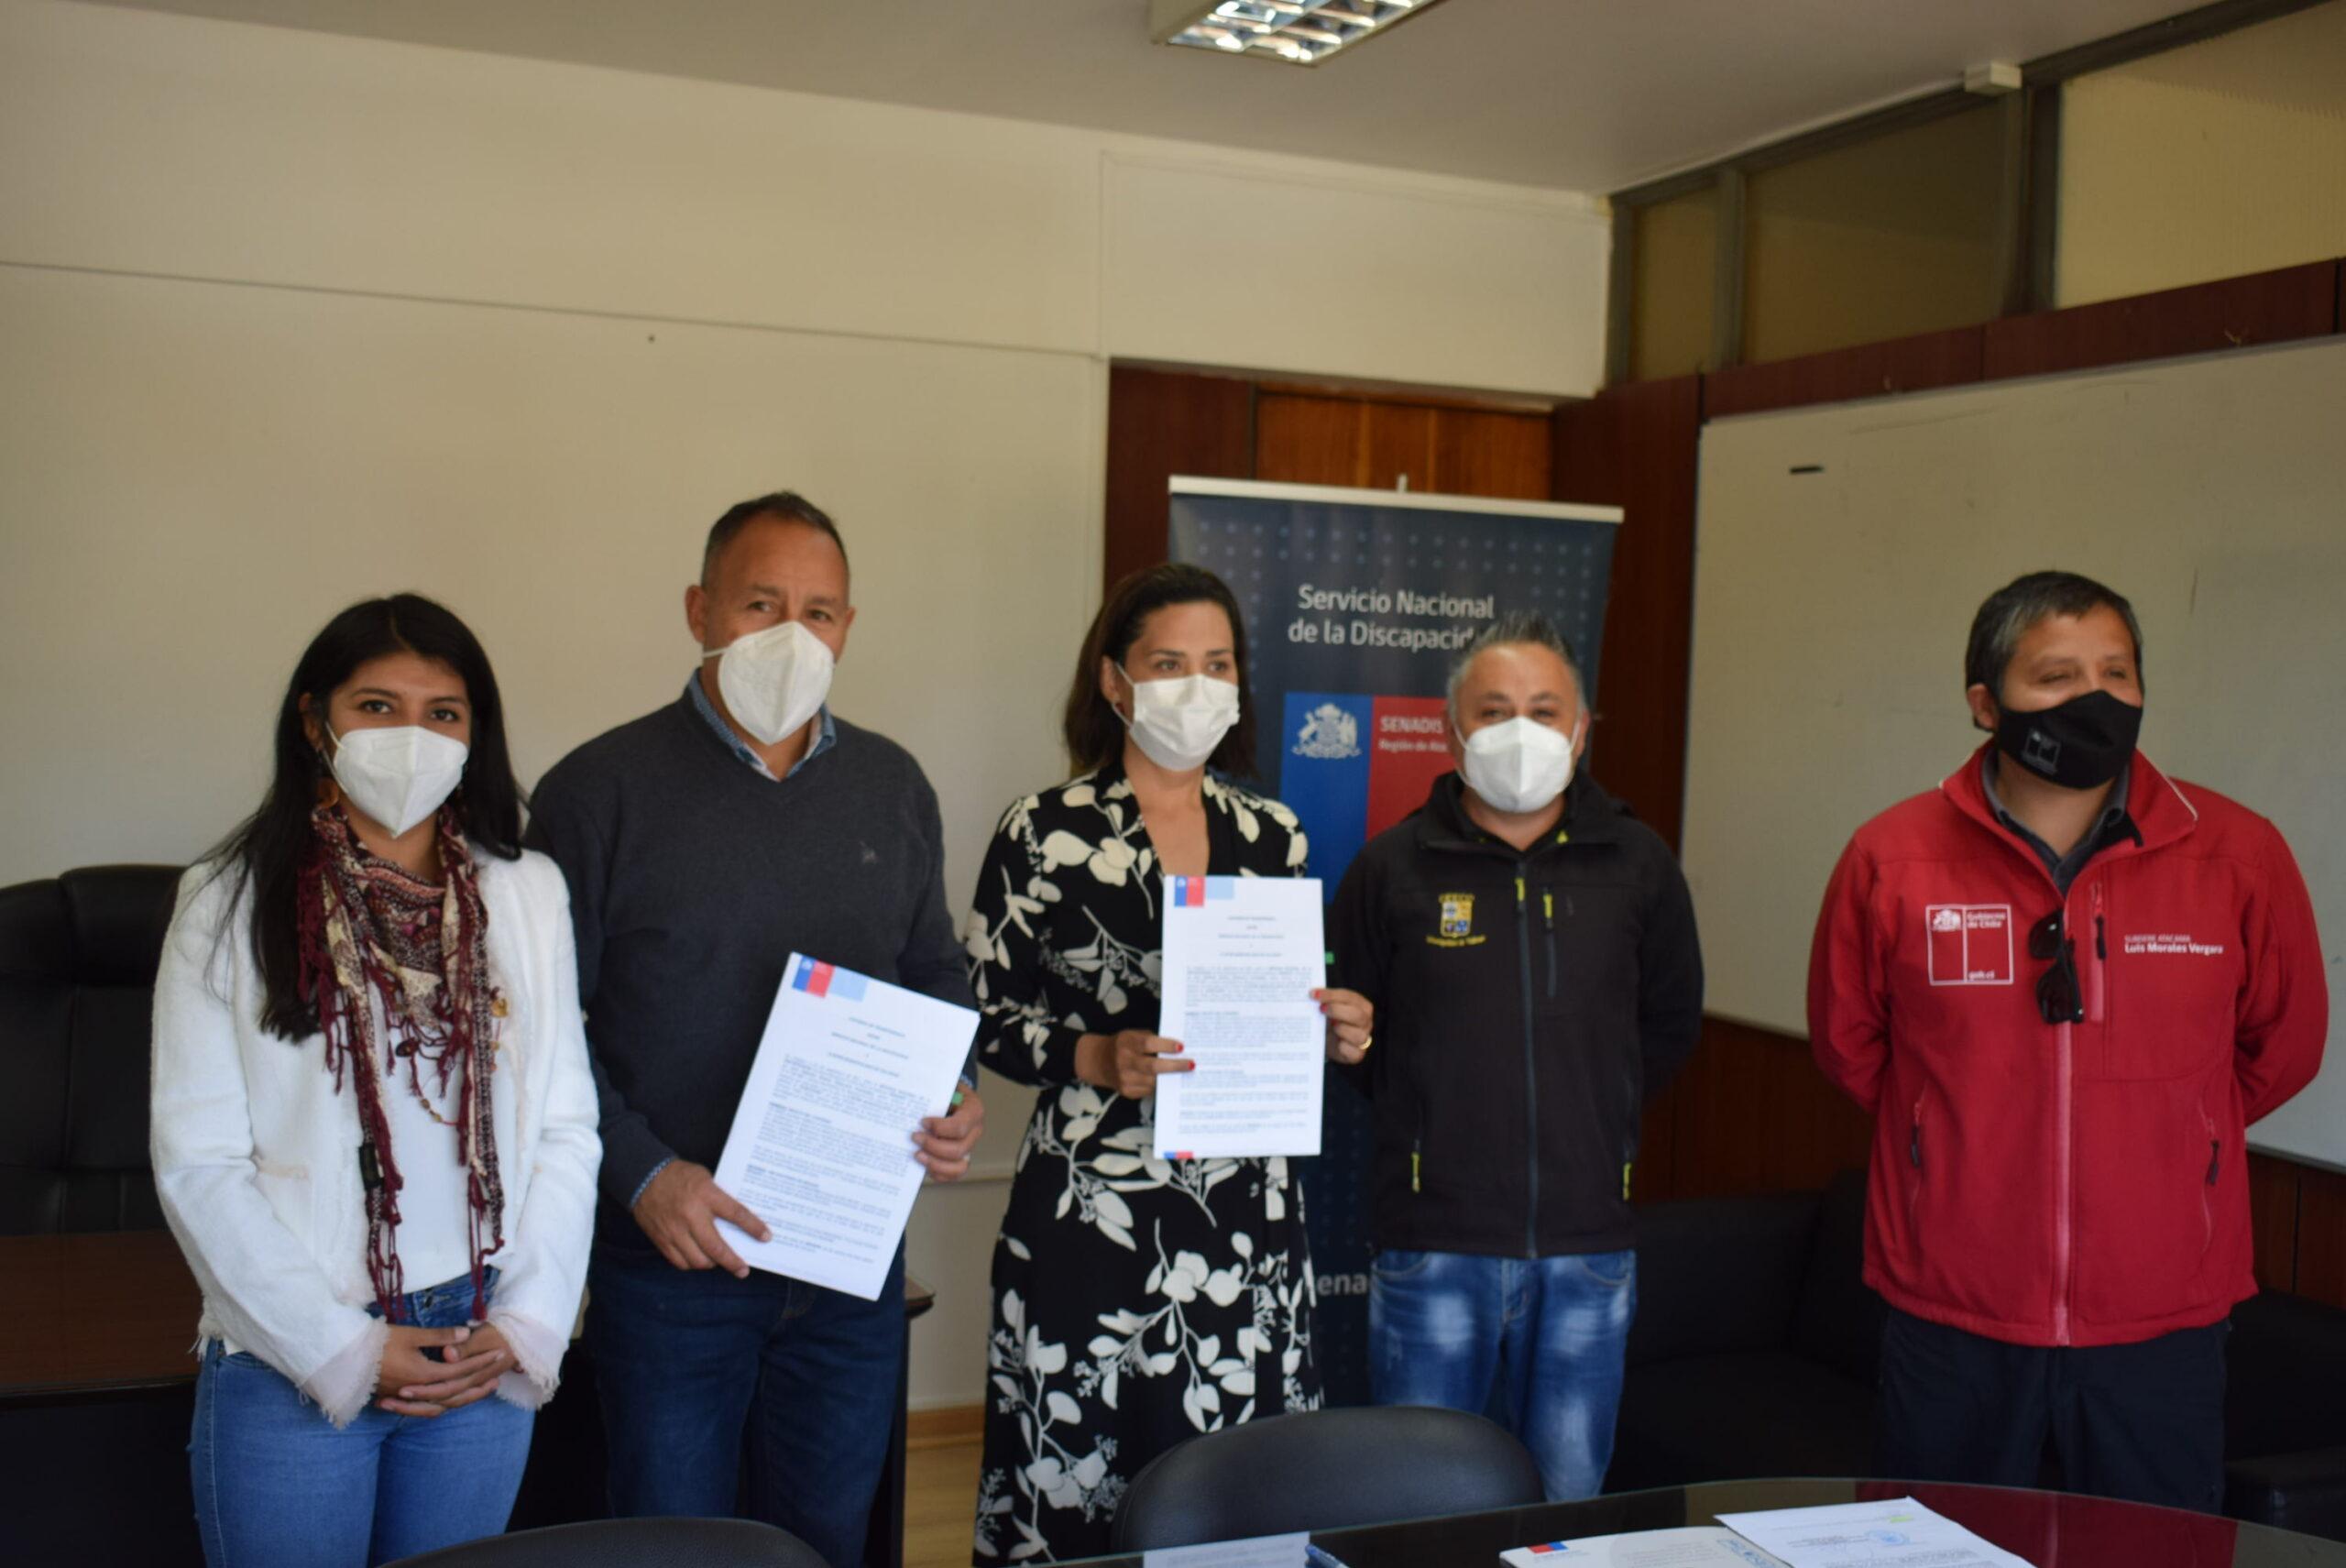 Municipio de Vallenar y SENADIS firman convenio para fortalecer la inclusión en la comuna